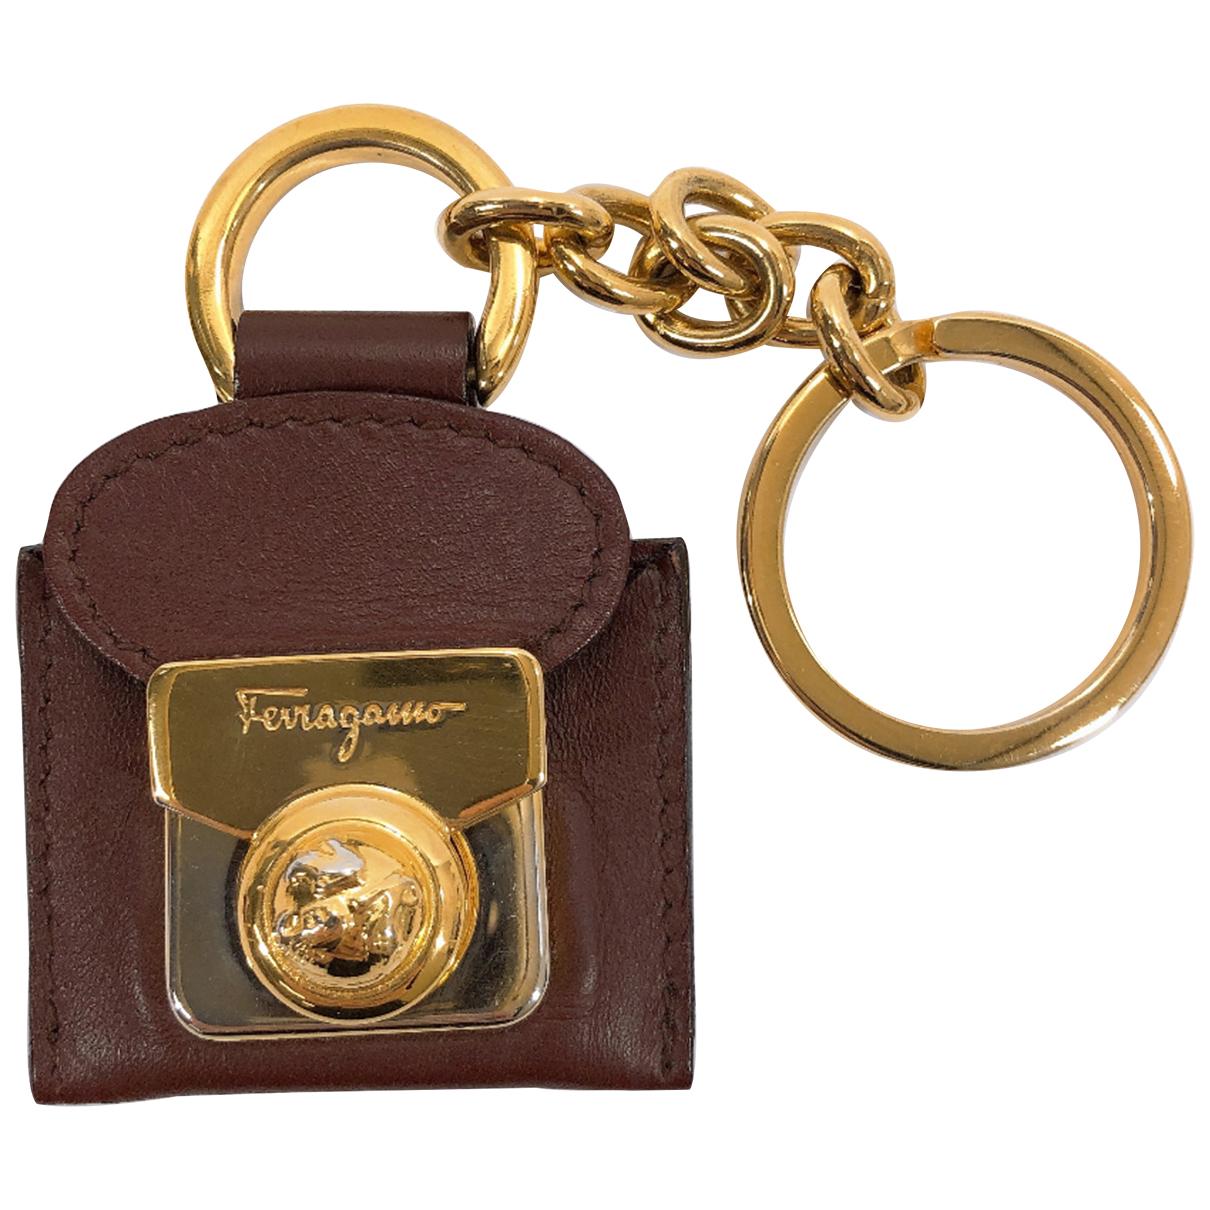 Salvatore Ferragamo - Bijoux de portable   pour femme en cuir - marron